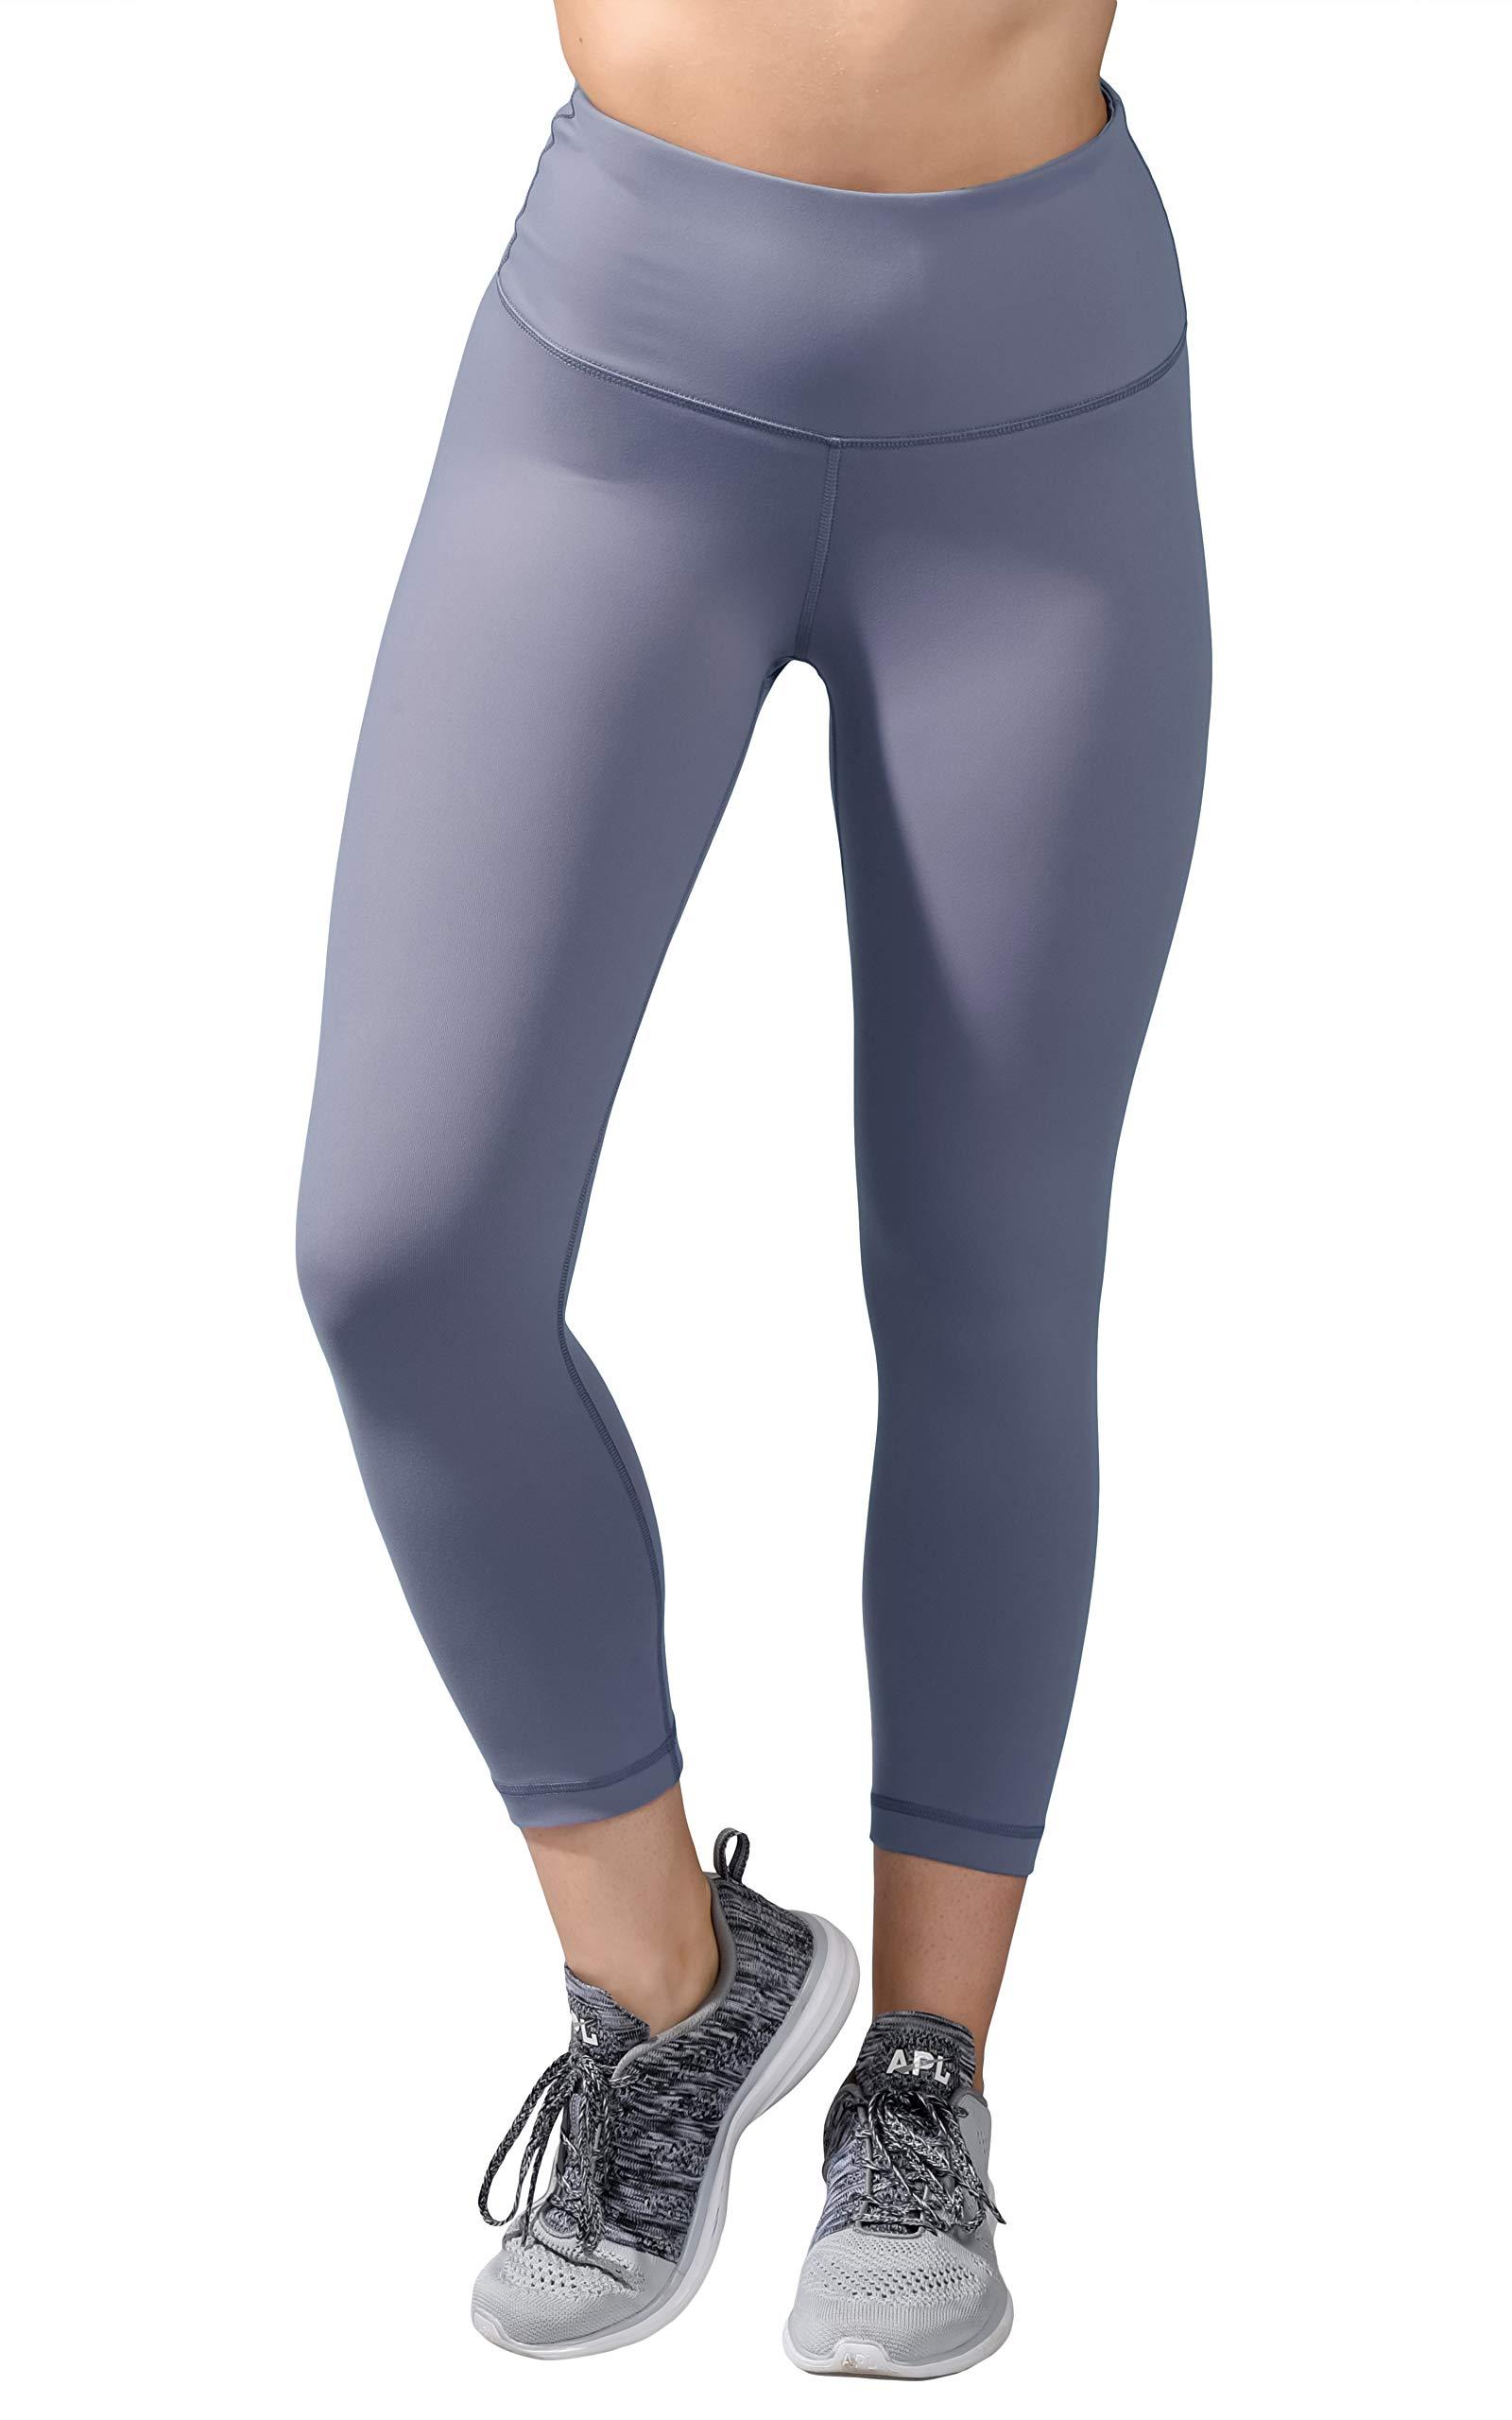 90 Degree By Reflex - High Waist Tummy Control Shapewear - Power Flex Capri - Blue Granite - Medium by 90 Degree By Reflex